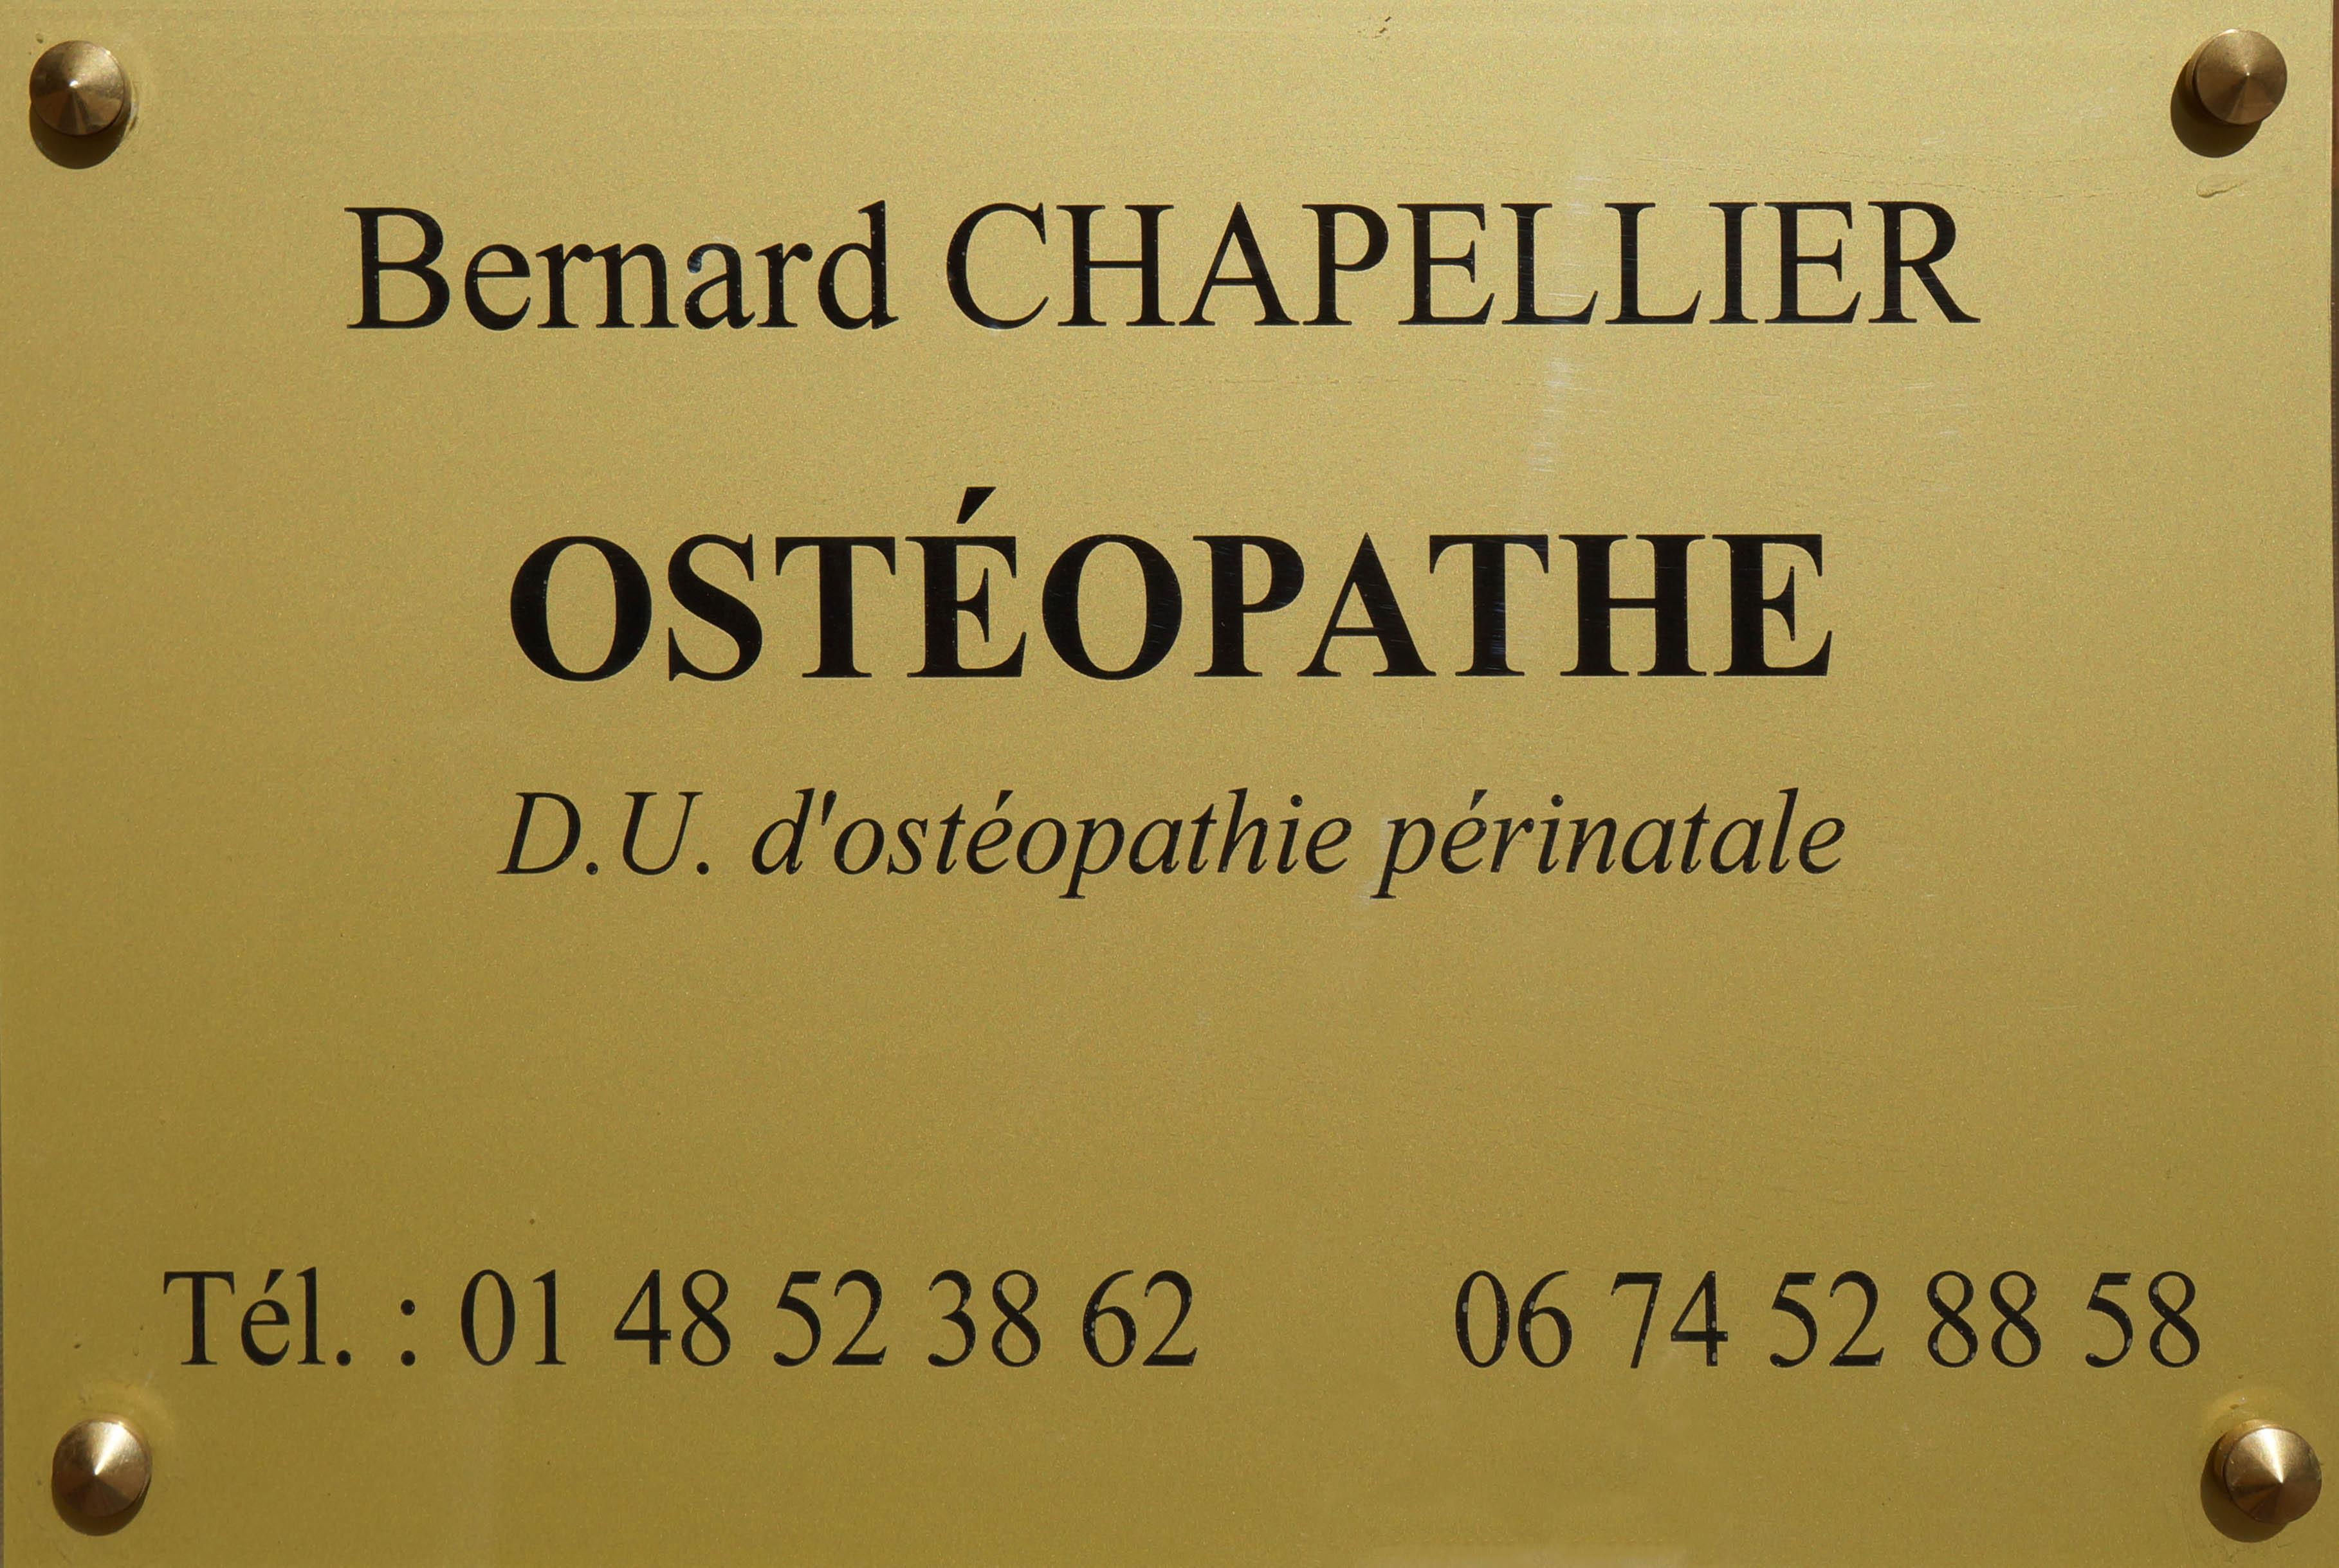 Bernard Chapellier Osteopathe 93